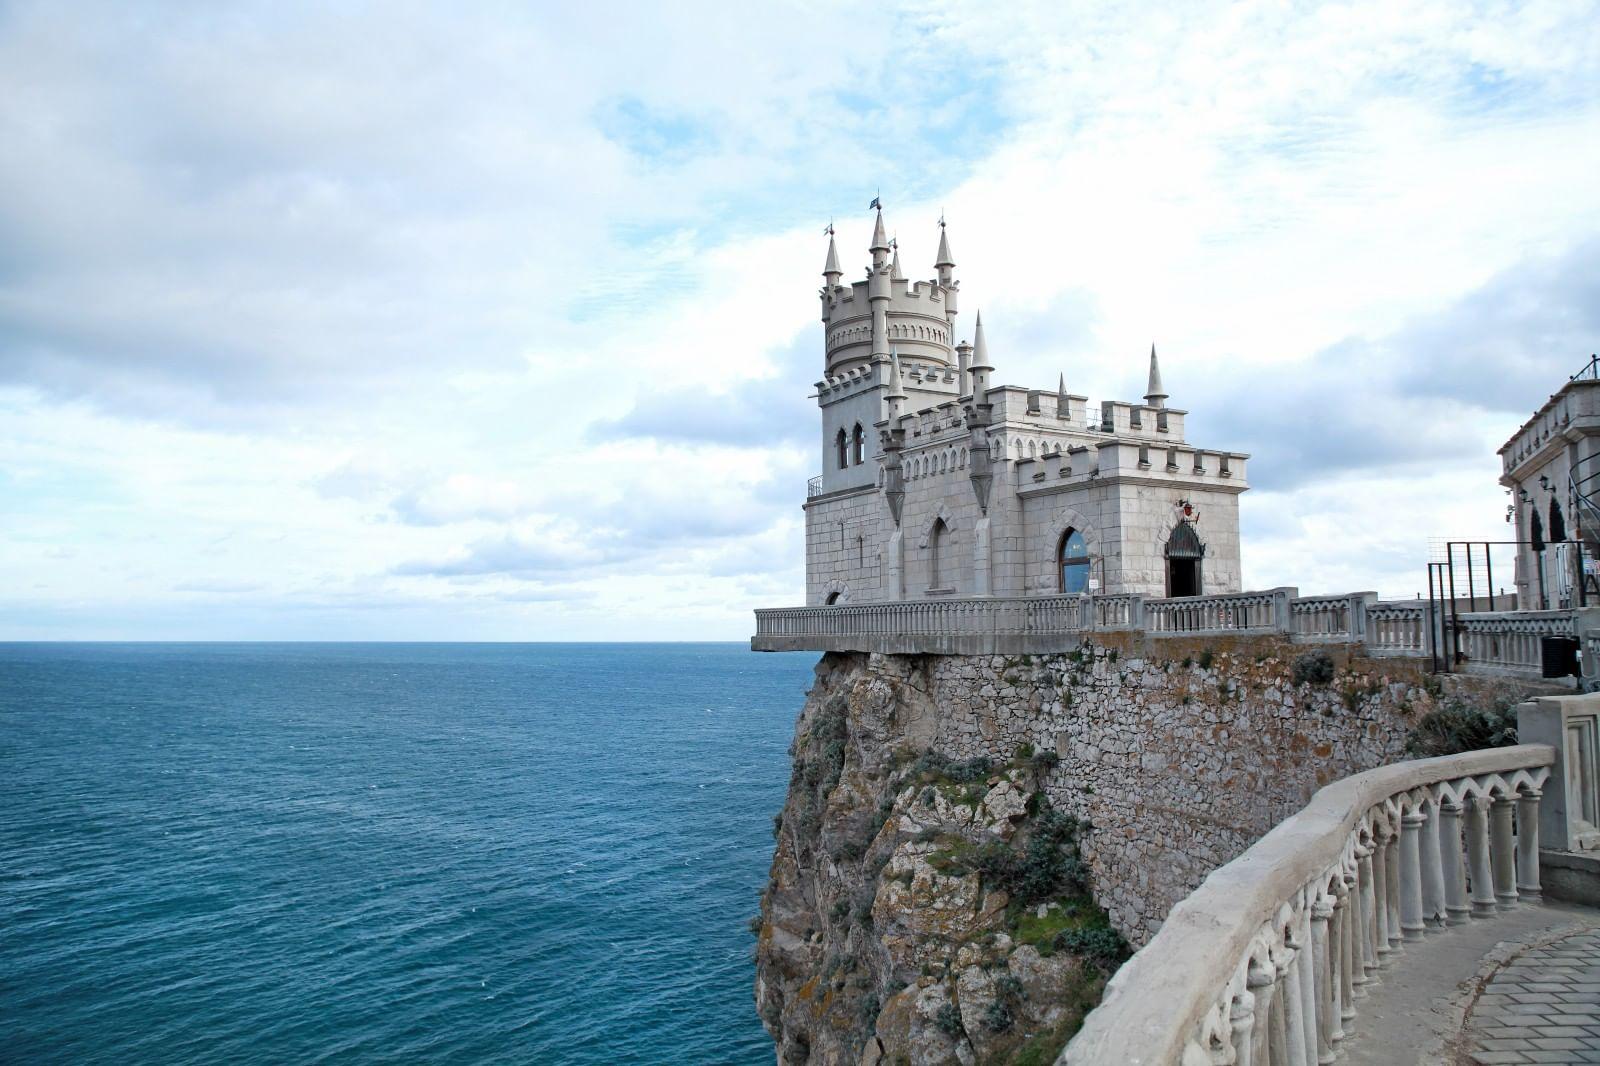 Замок Ласточкино гнездо в Крыму: описание с фото